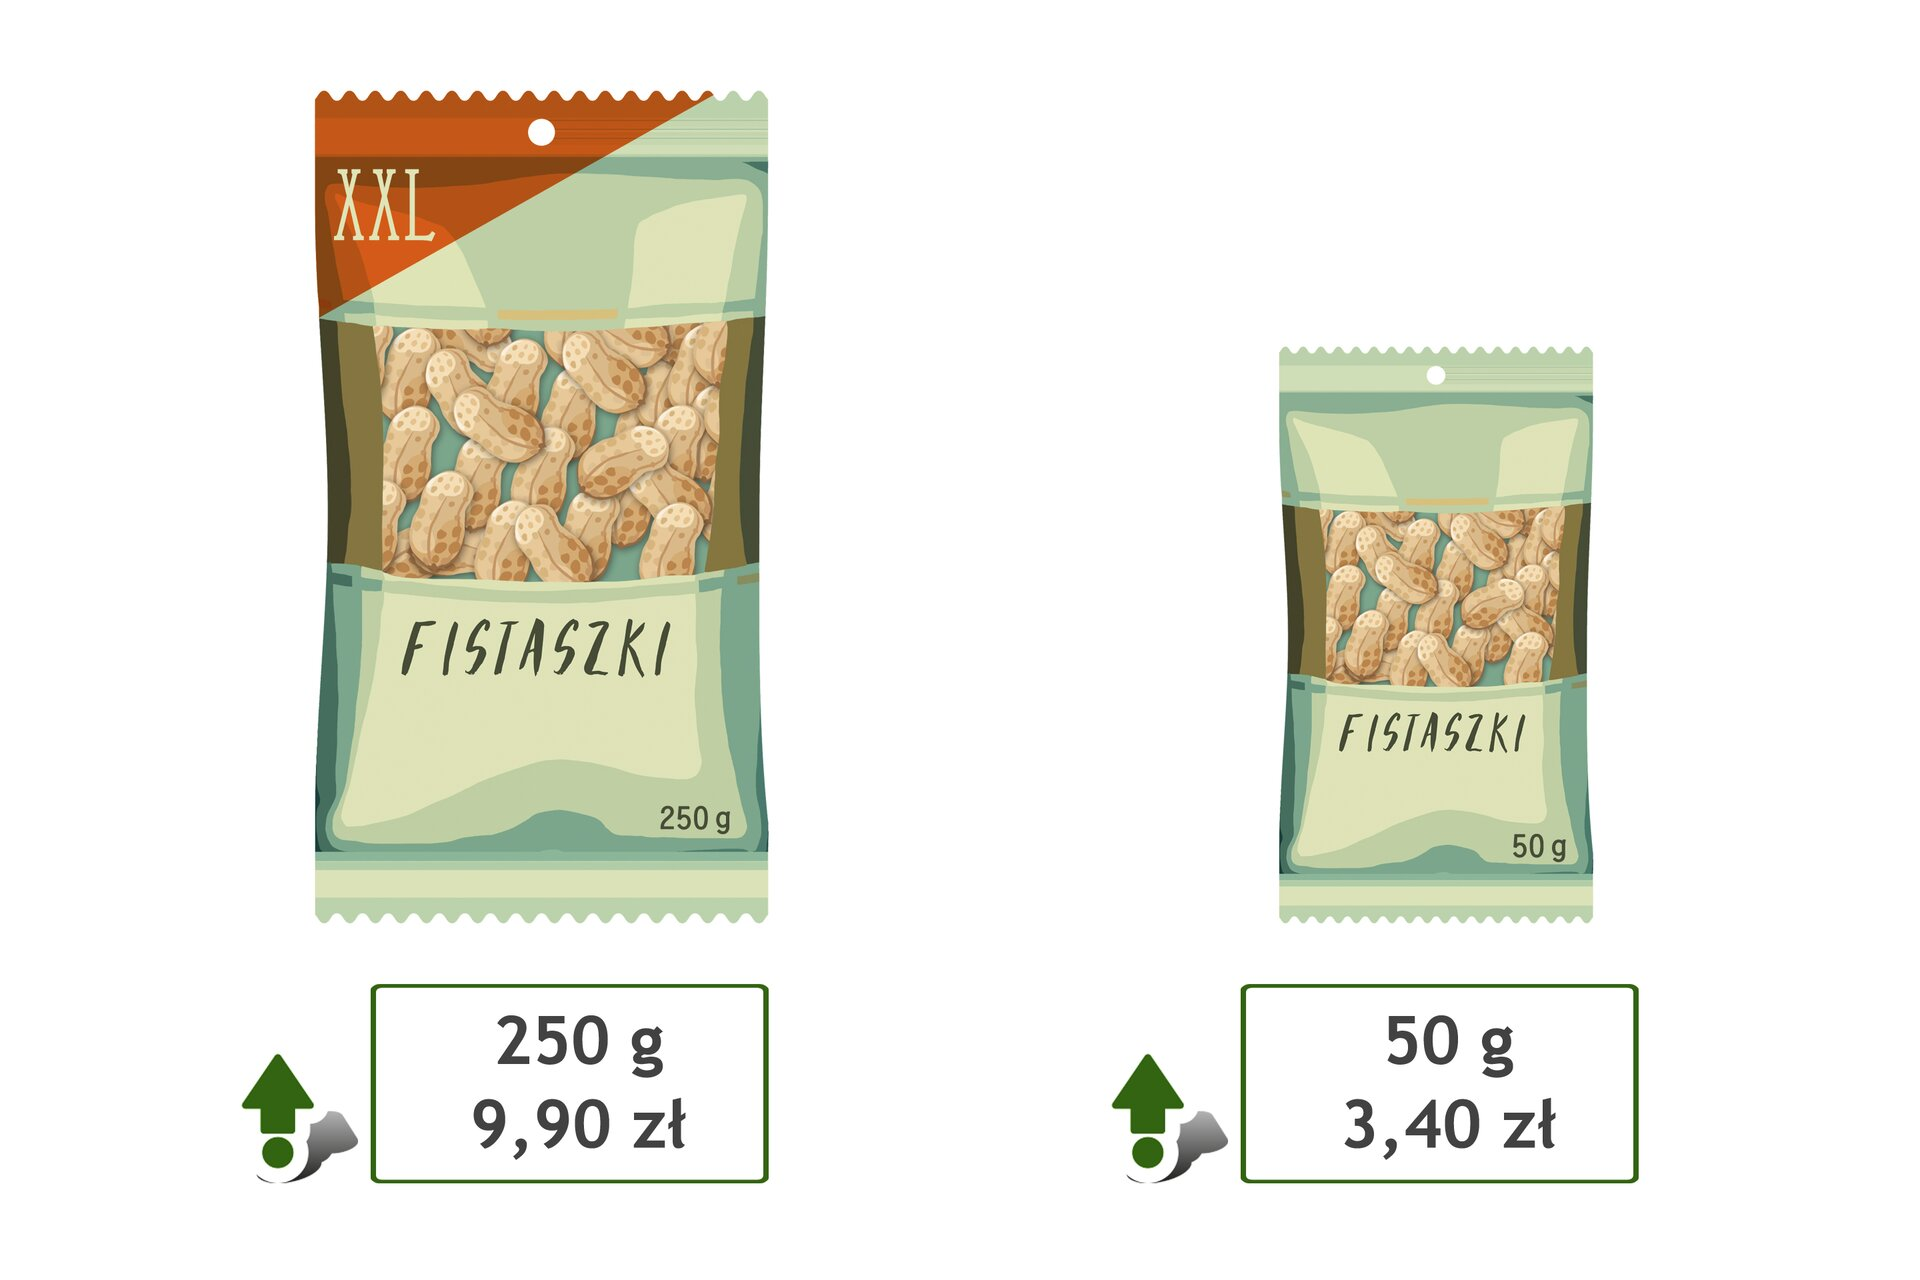 Rysunek dwóch opakowań orzeszków fistaszków. Paczka XXL owadze 250 gram kosztuje 9,90 zł. Paczka owadze 50 gram kosztuje 3,40 zł.